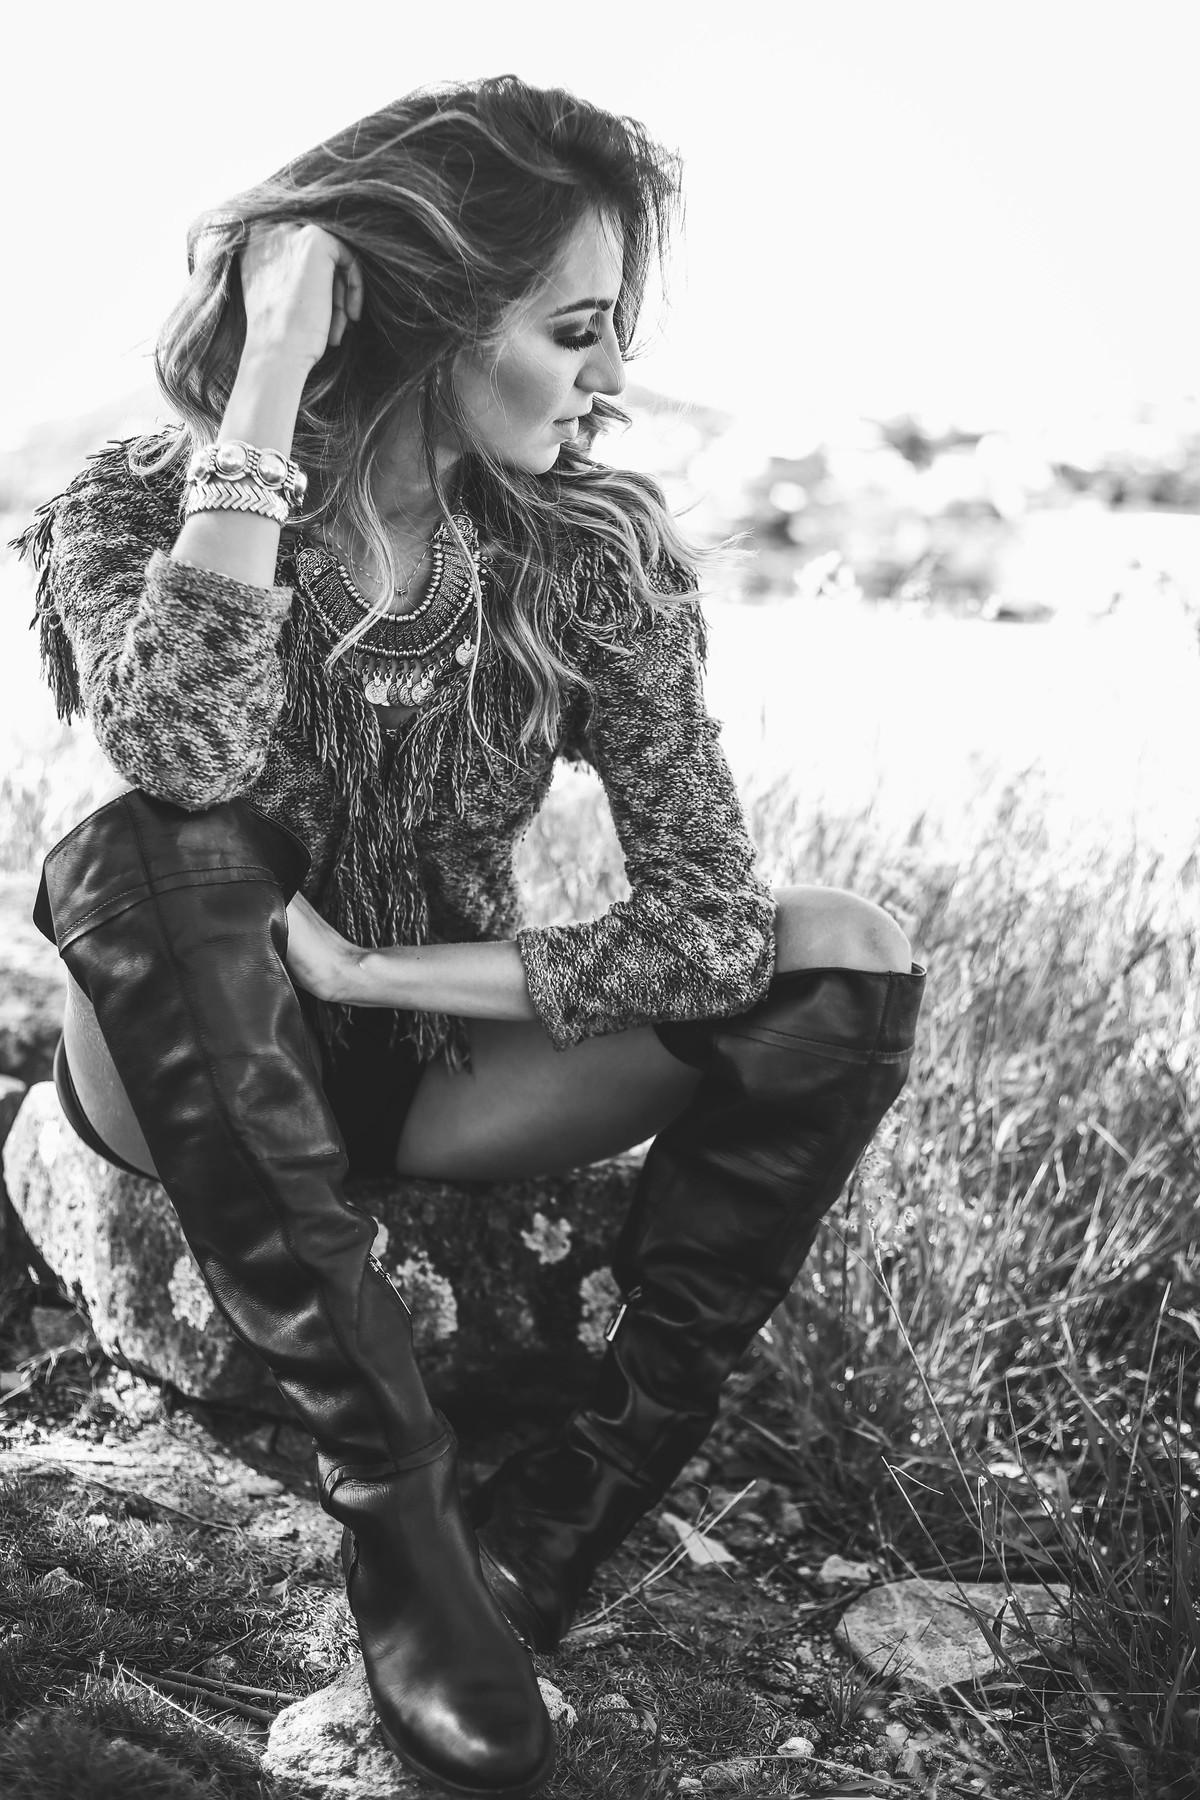 Moda vitoria editoral fashion capixaba fotos ensaio cute feminina beauty girls make-up hair ensaio feminino fotos cabelo boho inspiração ilha frade ensaio boho solana